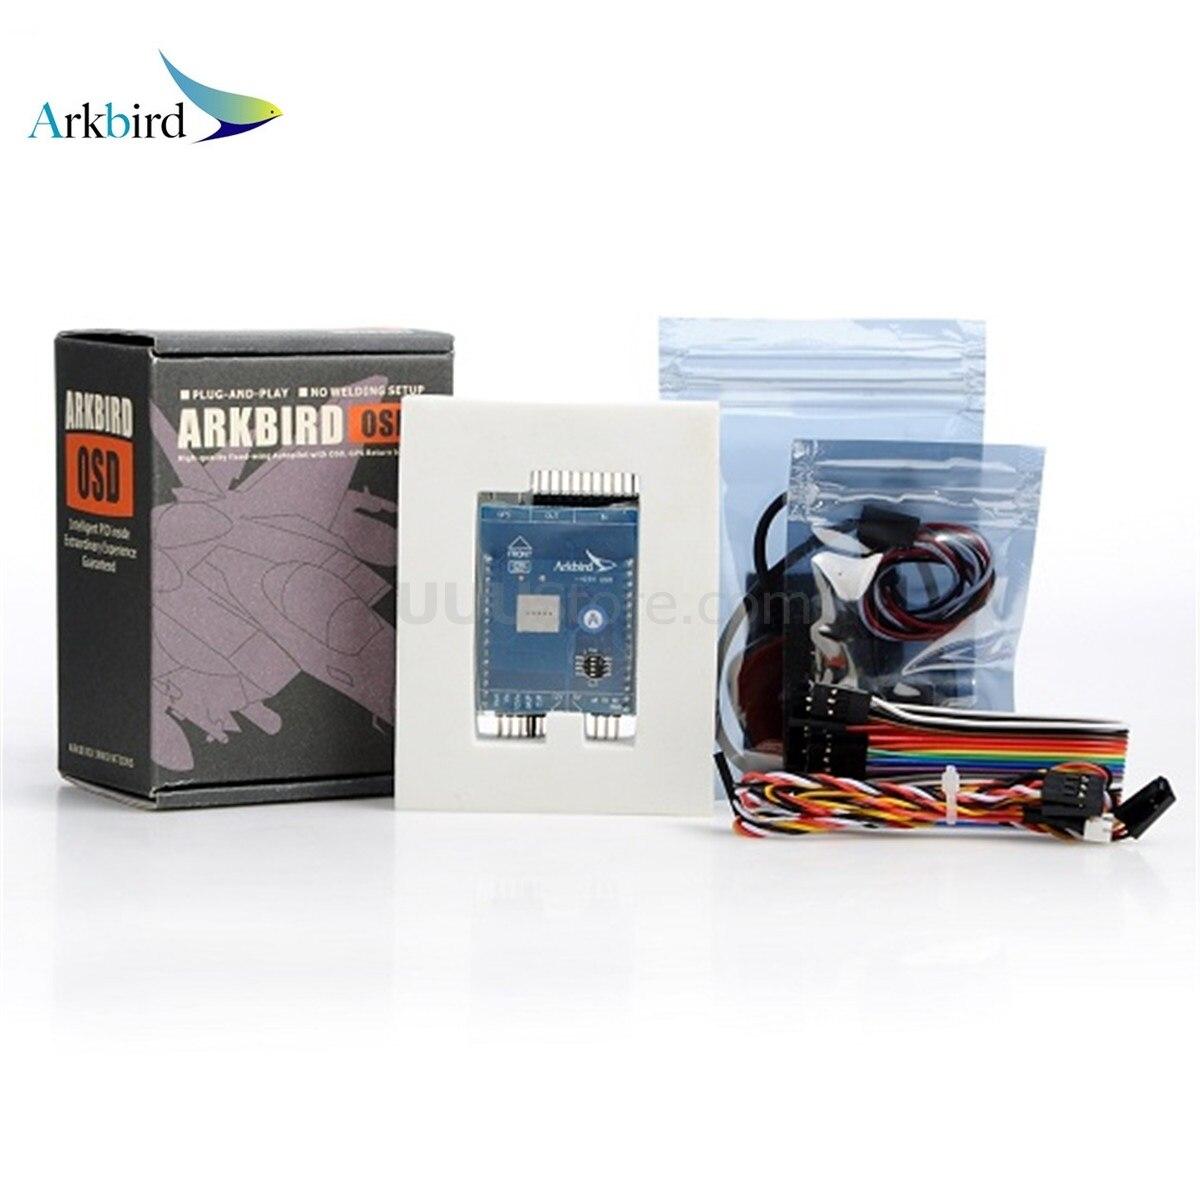 Sistema rth osd v3.1028 do controlador de voo do sistema do piloto automático do pássaro de arkbird que inclui o sensor atual de gps 3s para a fixo-asa da longa distância